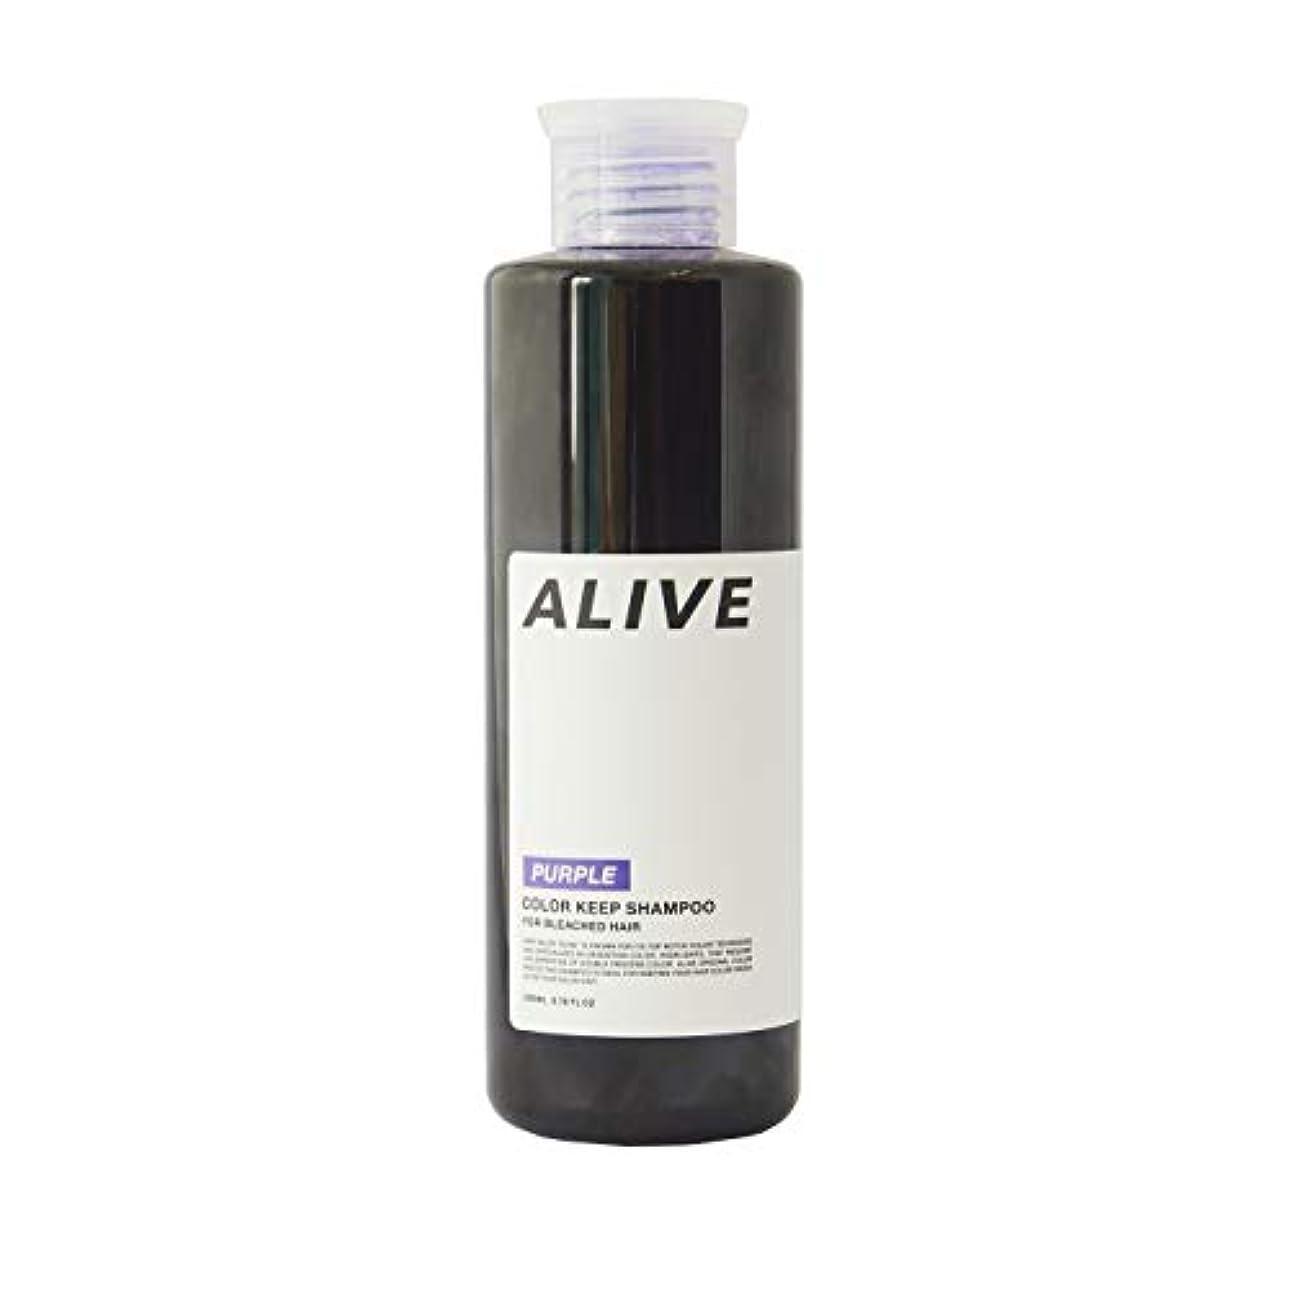 ワードローブコントローラリンクALIVE アライブ カラーシャンプー 極濃 紫シャンプー 200ml ムラサキ パープル ムラシャン ムラサキシャンプー